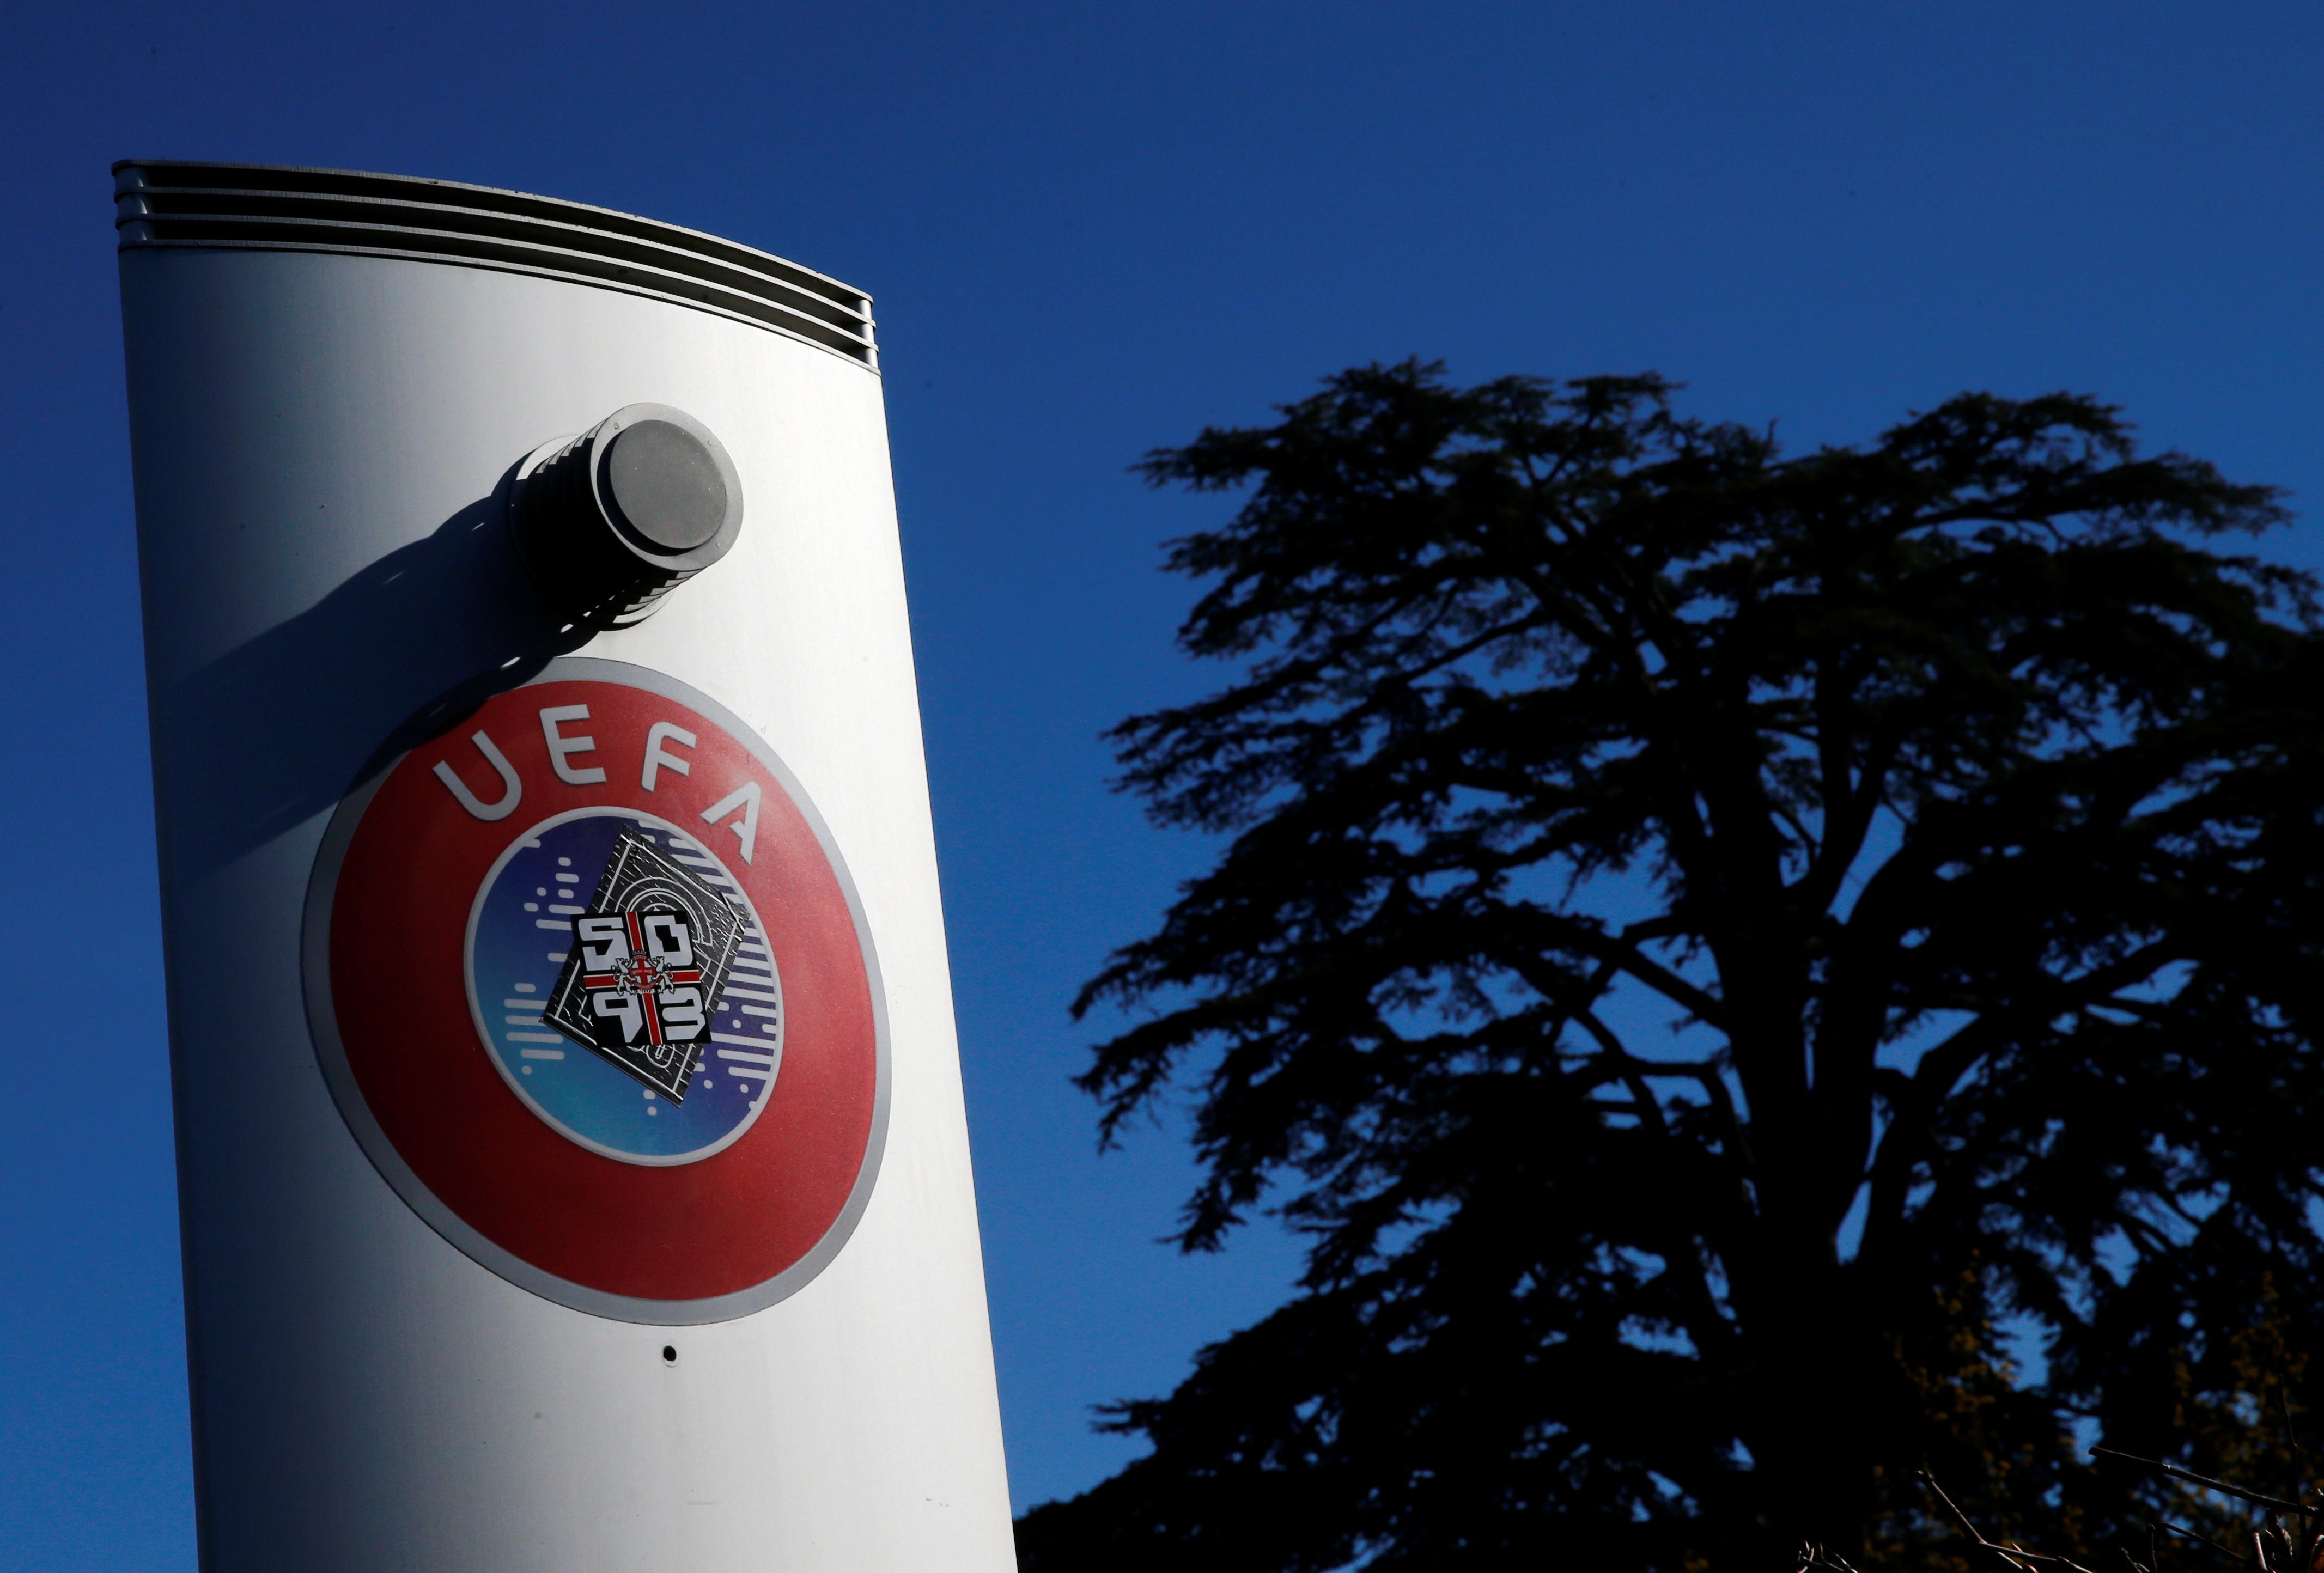 La Uefa se unirá al Pacto Europeo por el clima